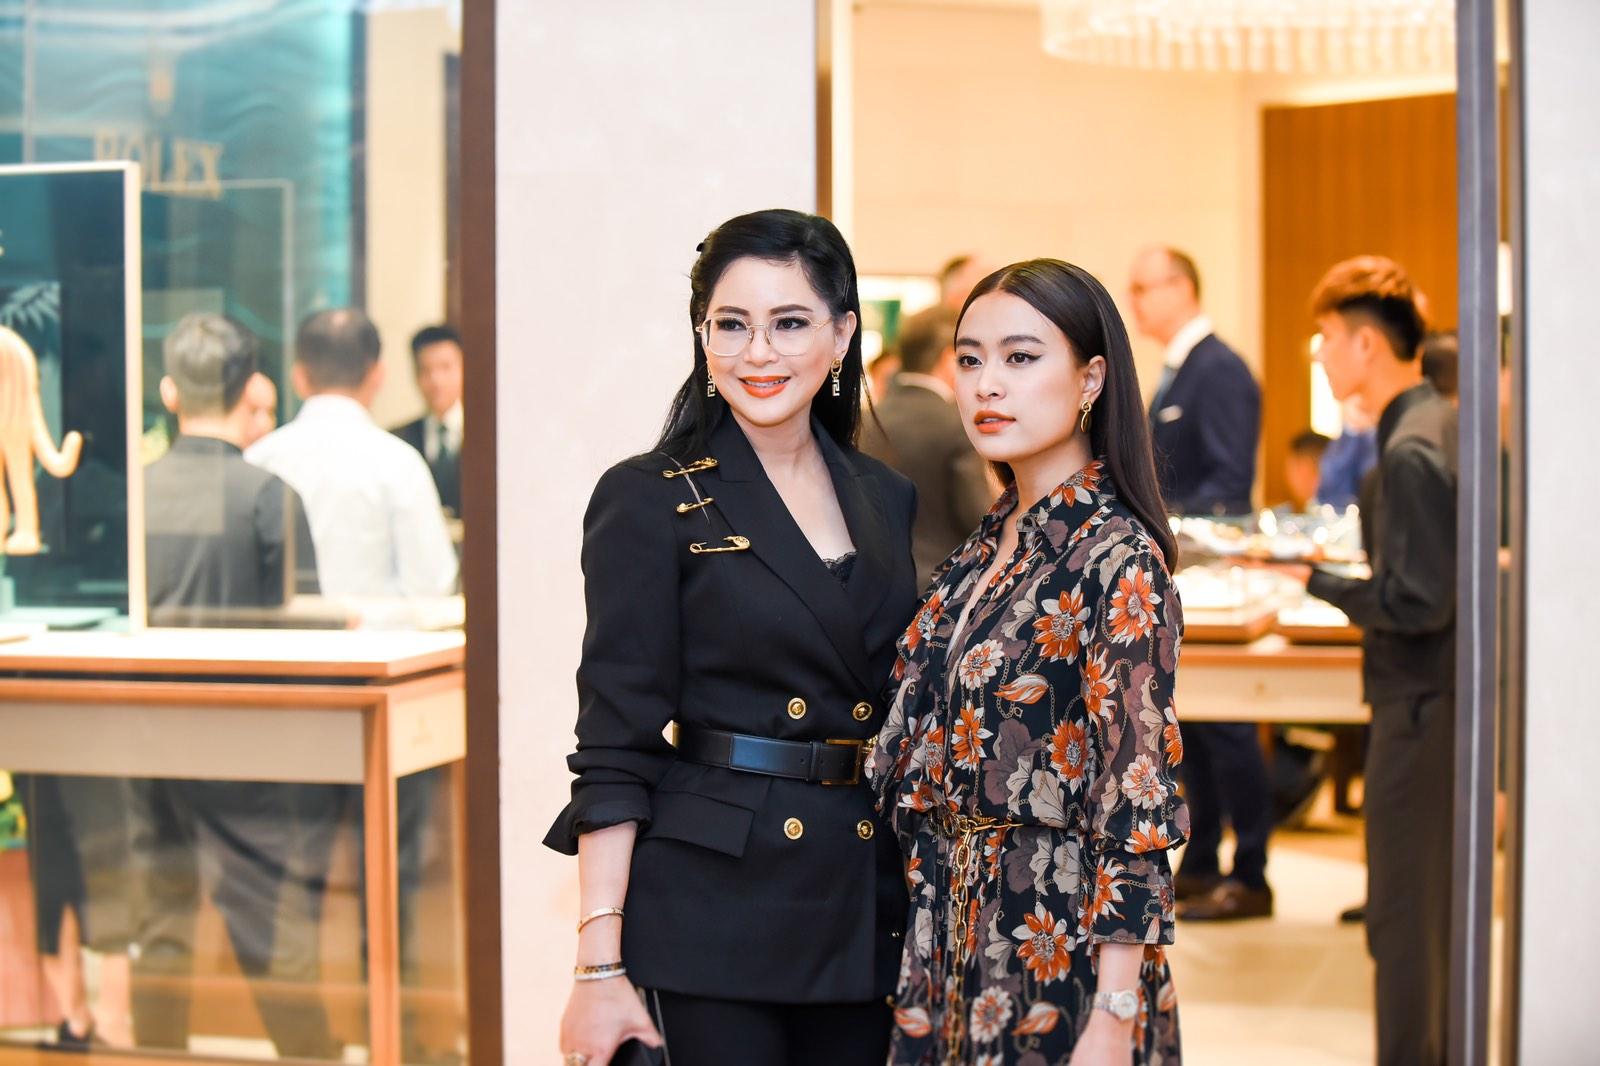 Doanh nhân Lê Hồng Thủy Tiên chụp hình cùng nữ ca sĩ Hoàng Thùy Linh.